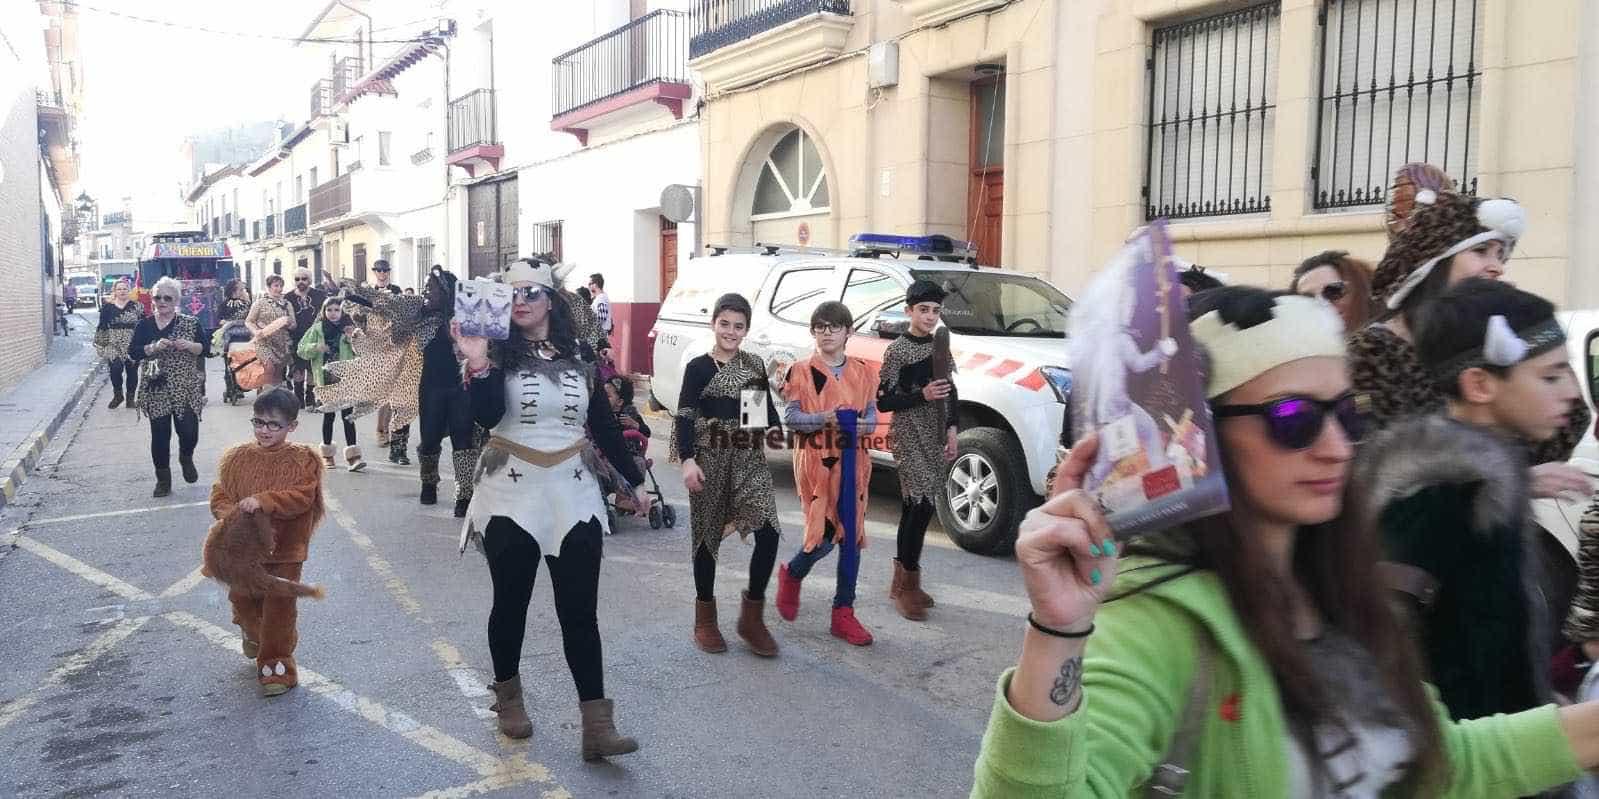 Carnaval herencia 2020 pasacalles domingo deseosas 31 - El Domingo de las Deseosas invita a todo el mundo al Carnaval de Herencia